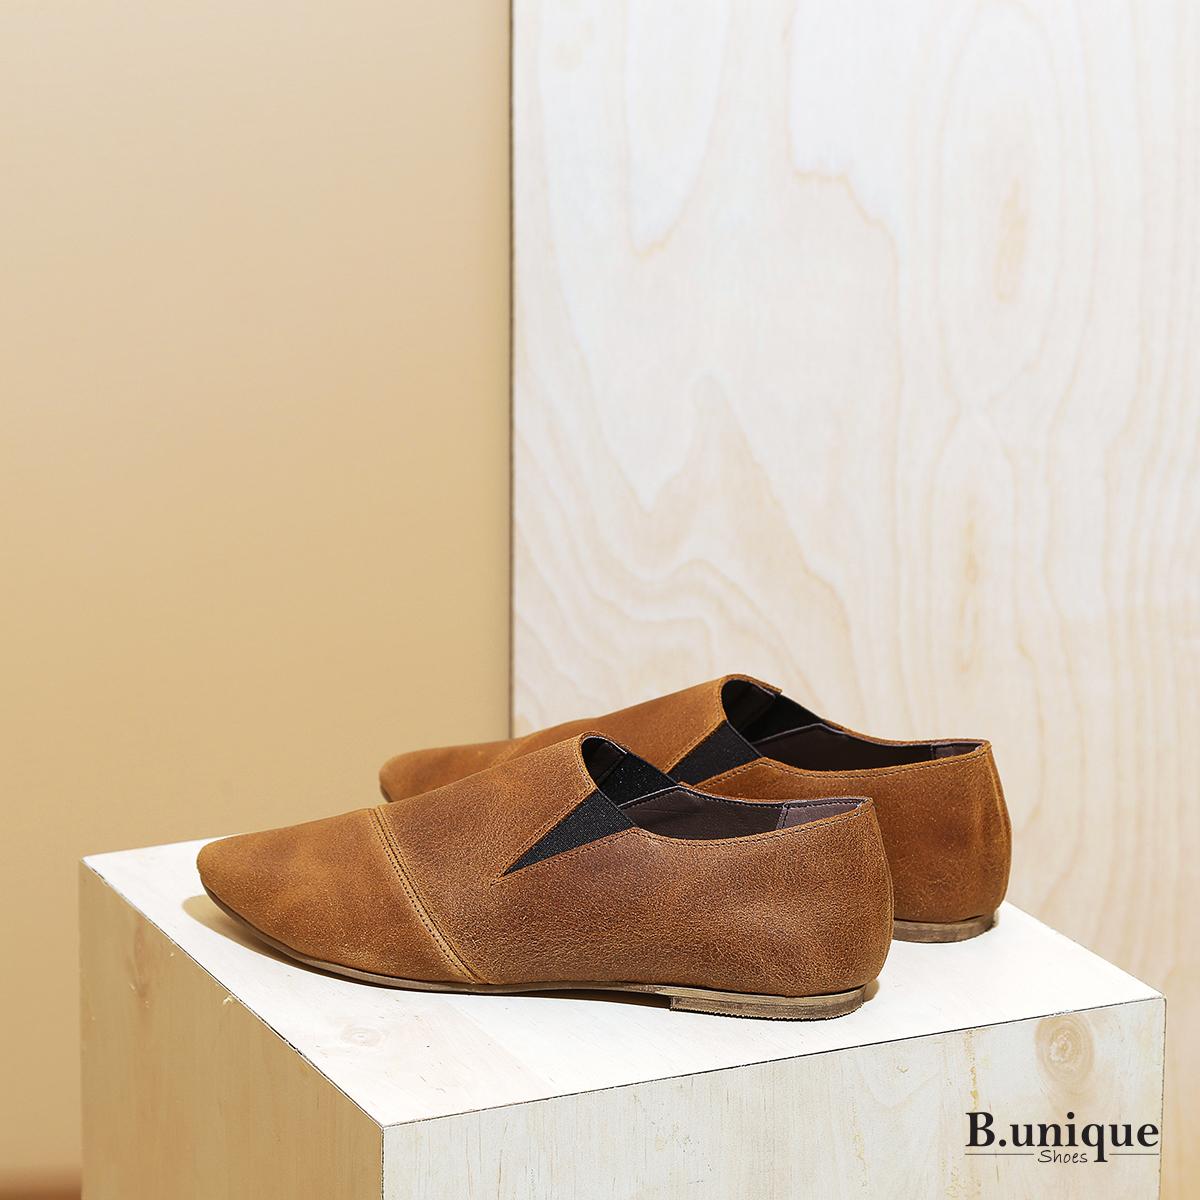 דגם פיראוס:  נעליים שטוחות לנשים בצבע קאמל